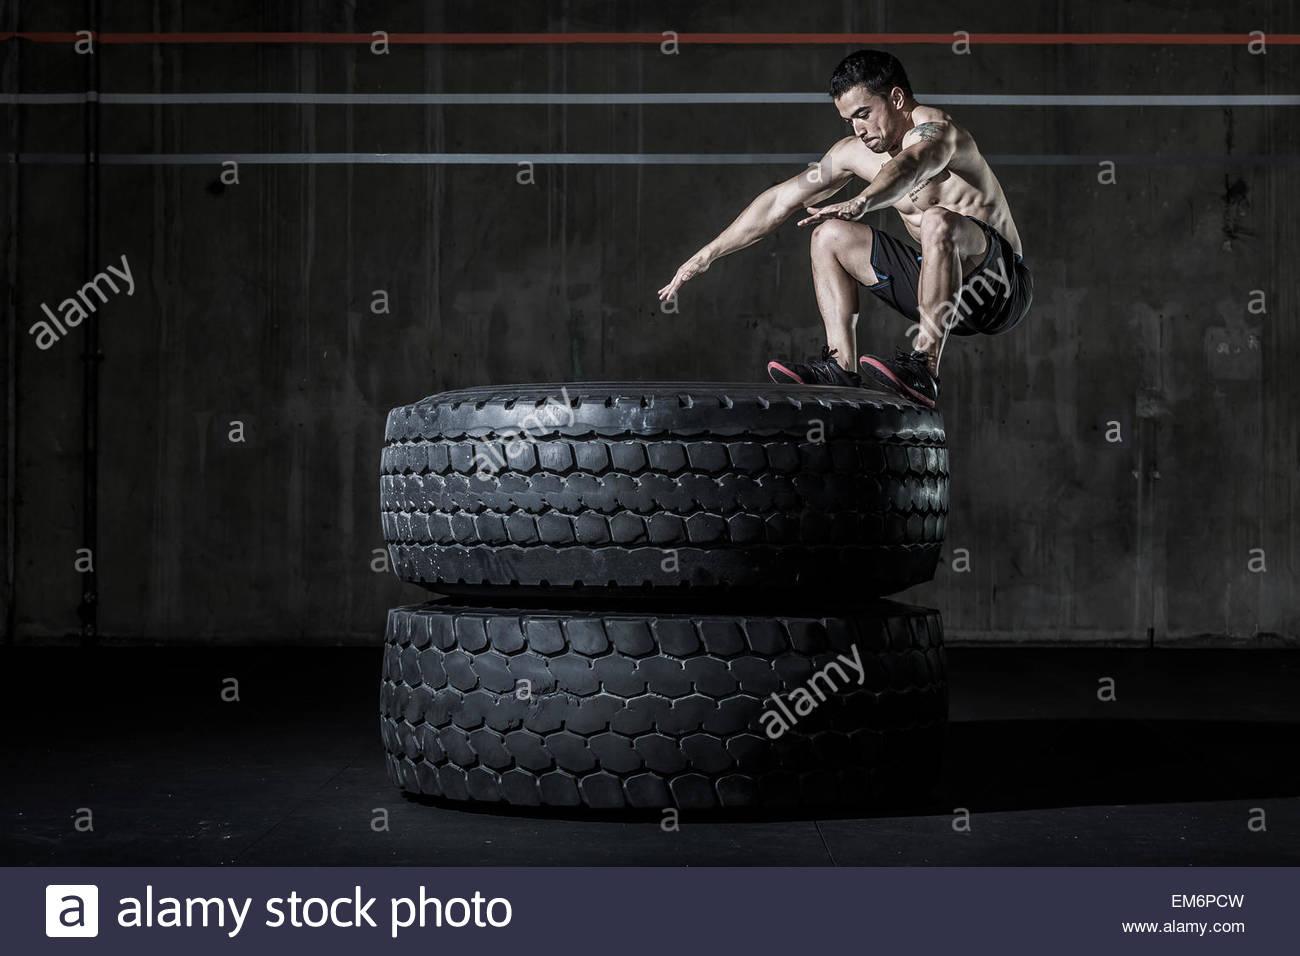 Ein nackter Oberkörper männlichen Gewichtheber und CrossFit Athlet Durchführung einer Box springen Stockbild